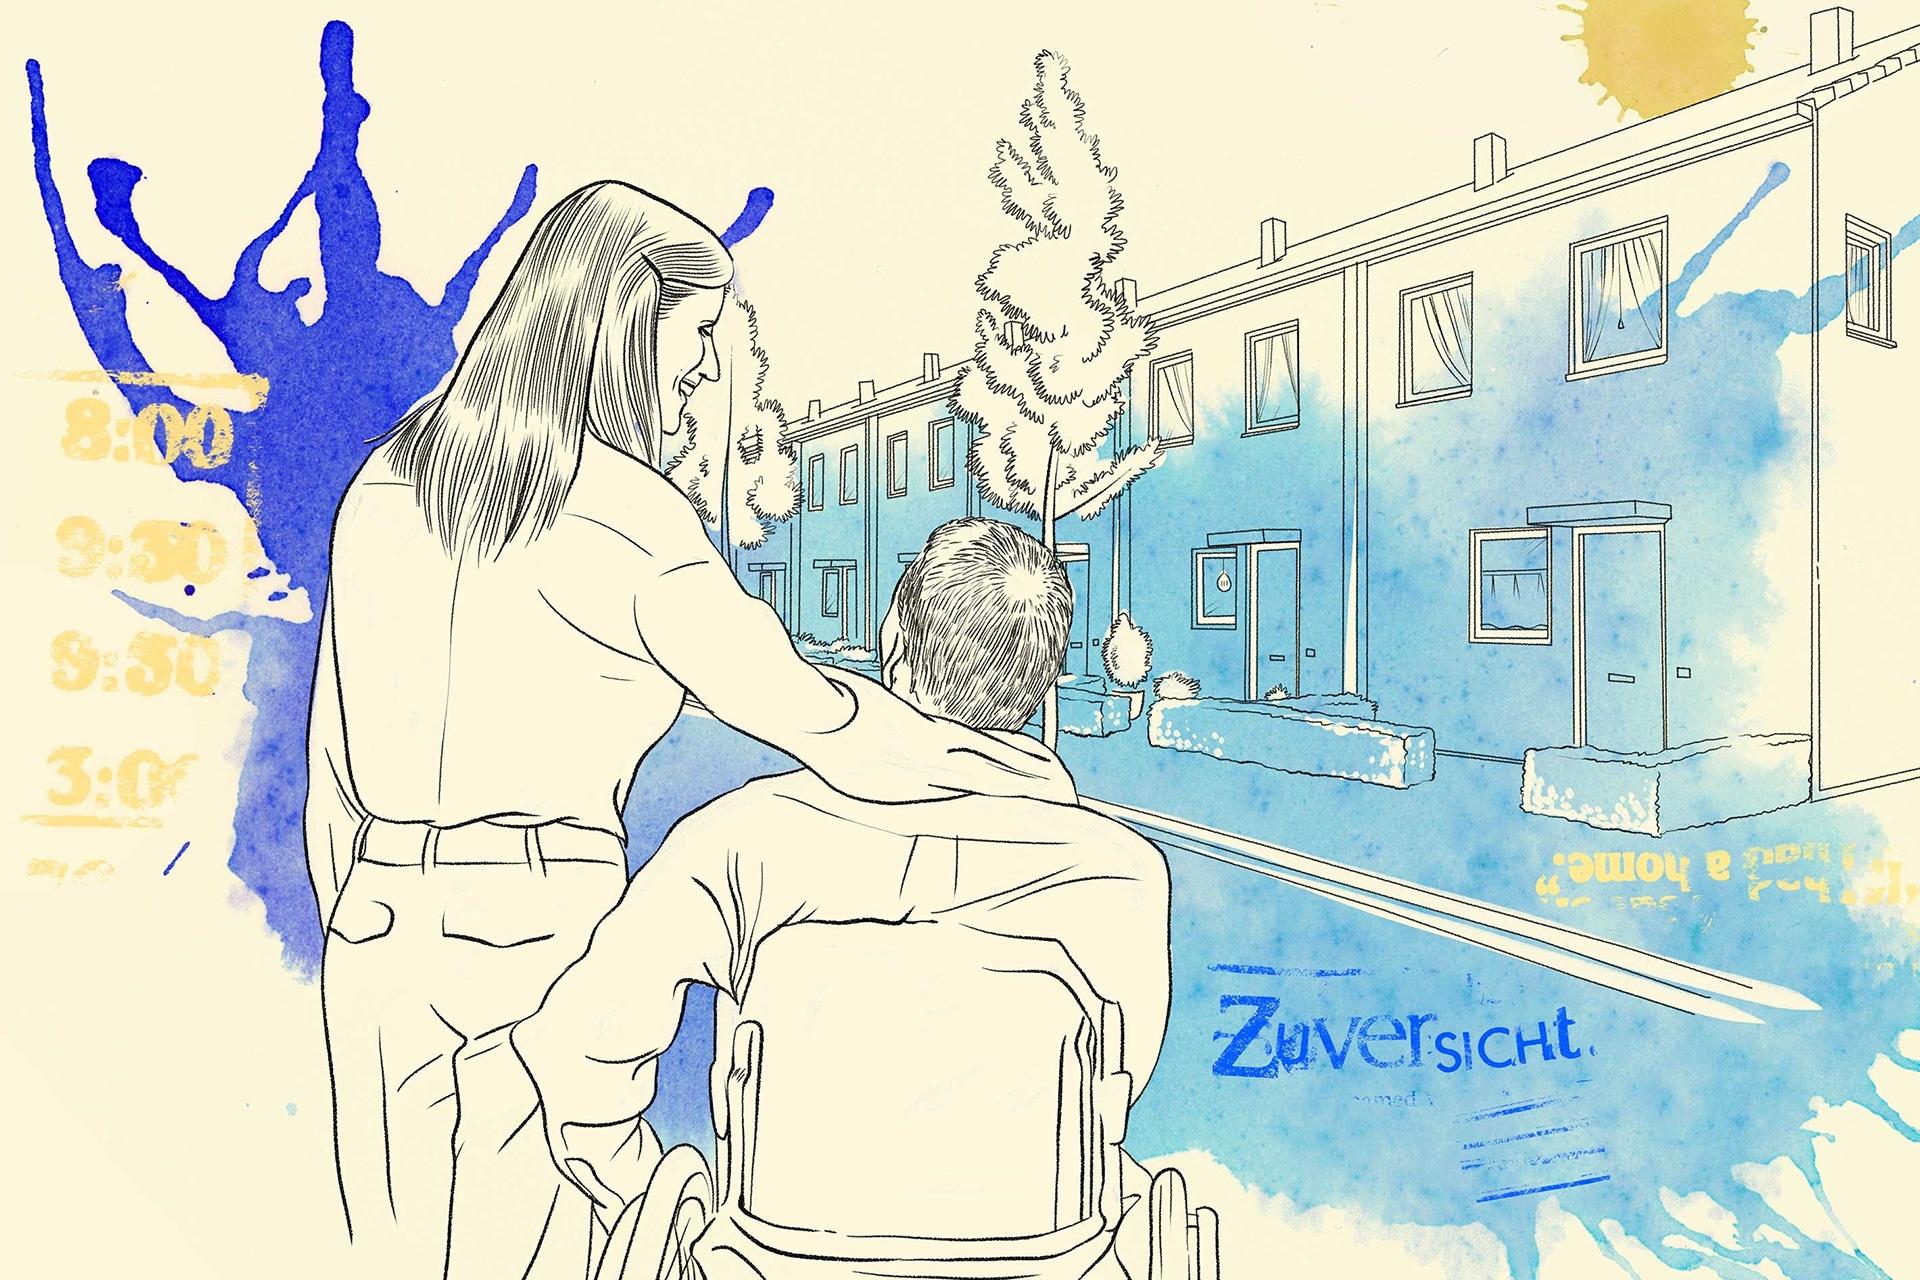 Illustration: Ein junges Paar auf der Suche nach betreutem Wohnen schauen sich sehnsüchtig eine Wohnung an.